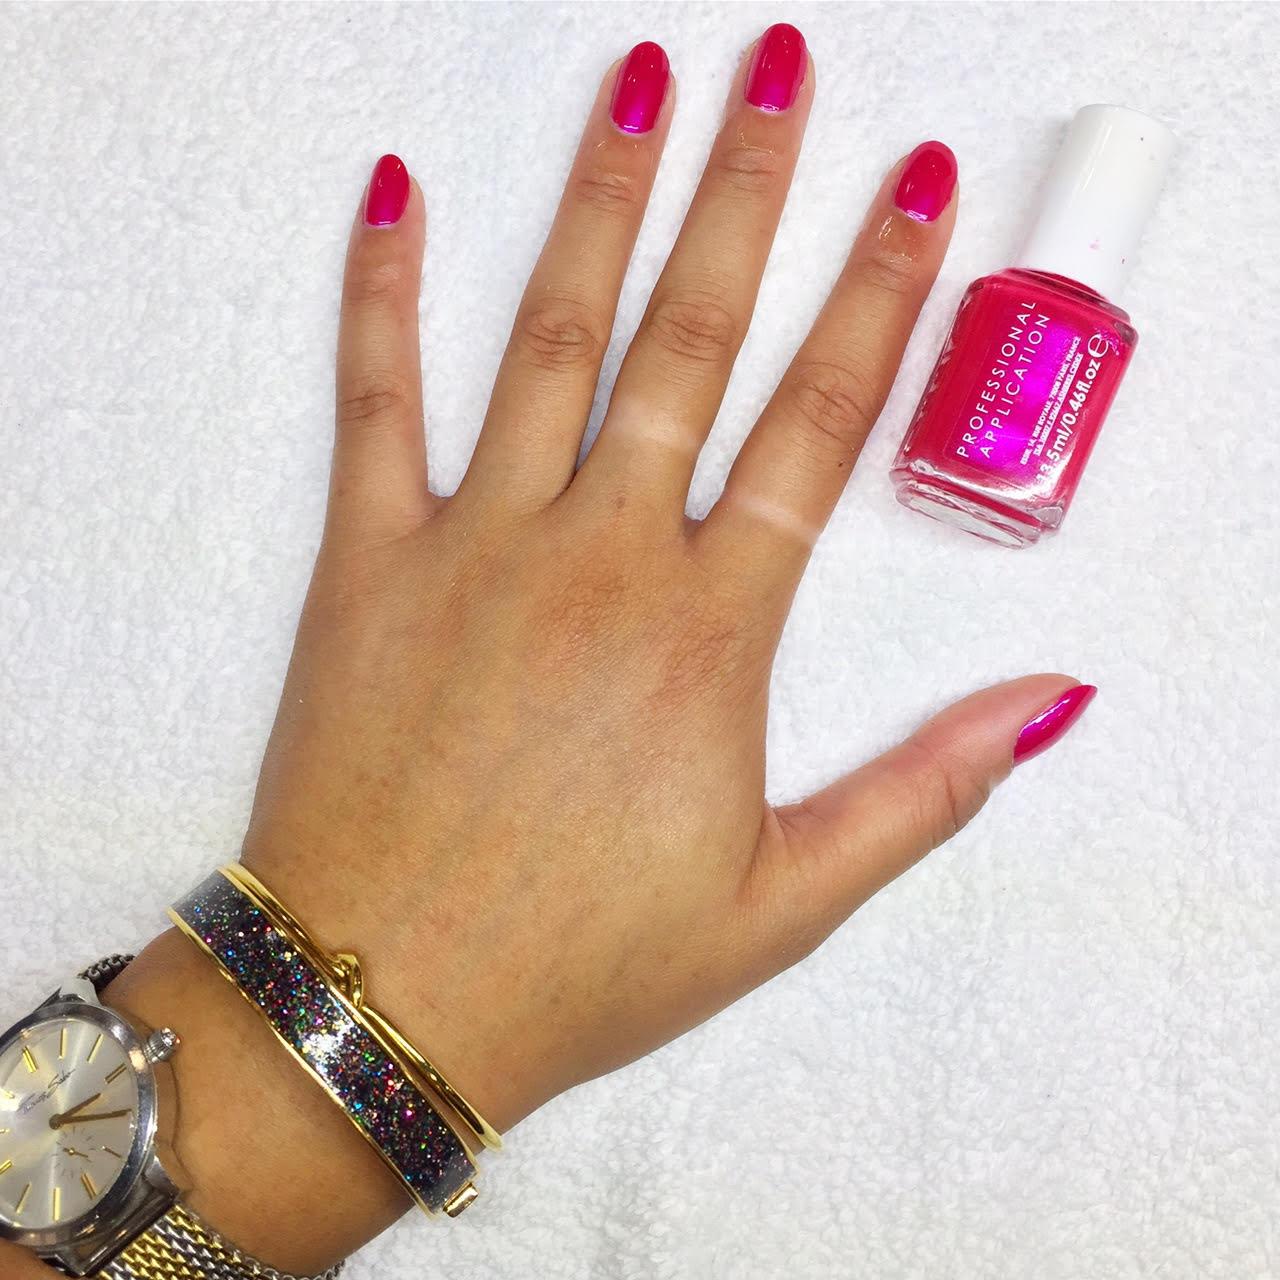 acrylic nails york city centre photo - 2